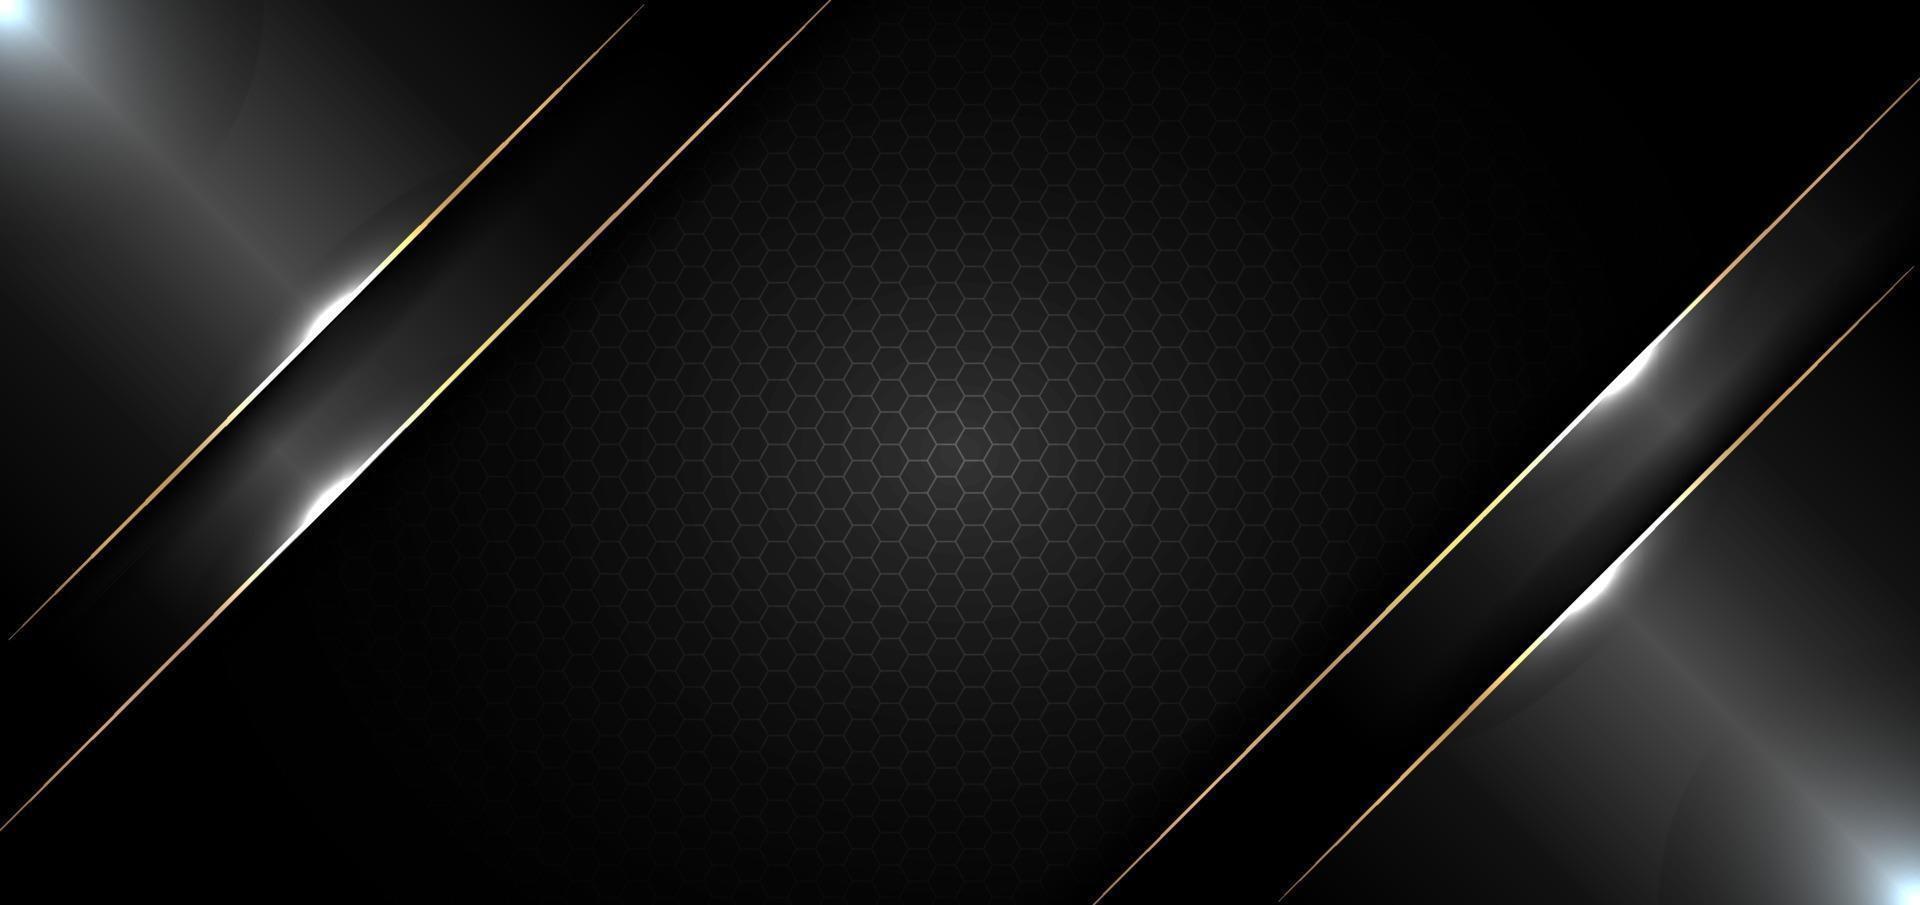 modèle de conception de bannière abstraite noir brillant avec ligne d'or et effet d'éclairage sur fond sombre et texture vecteur